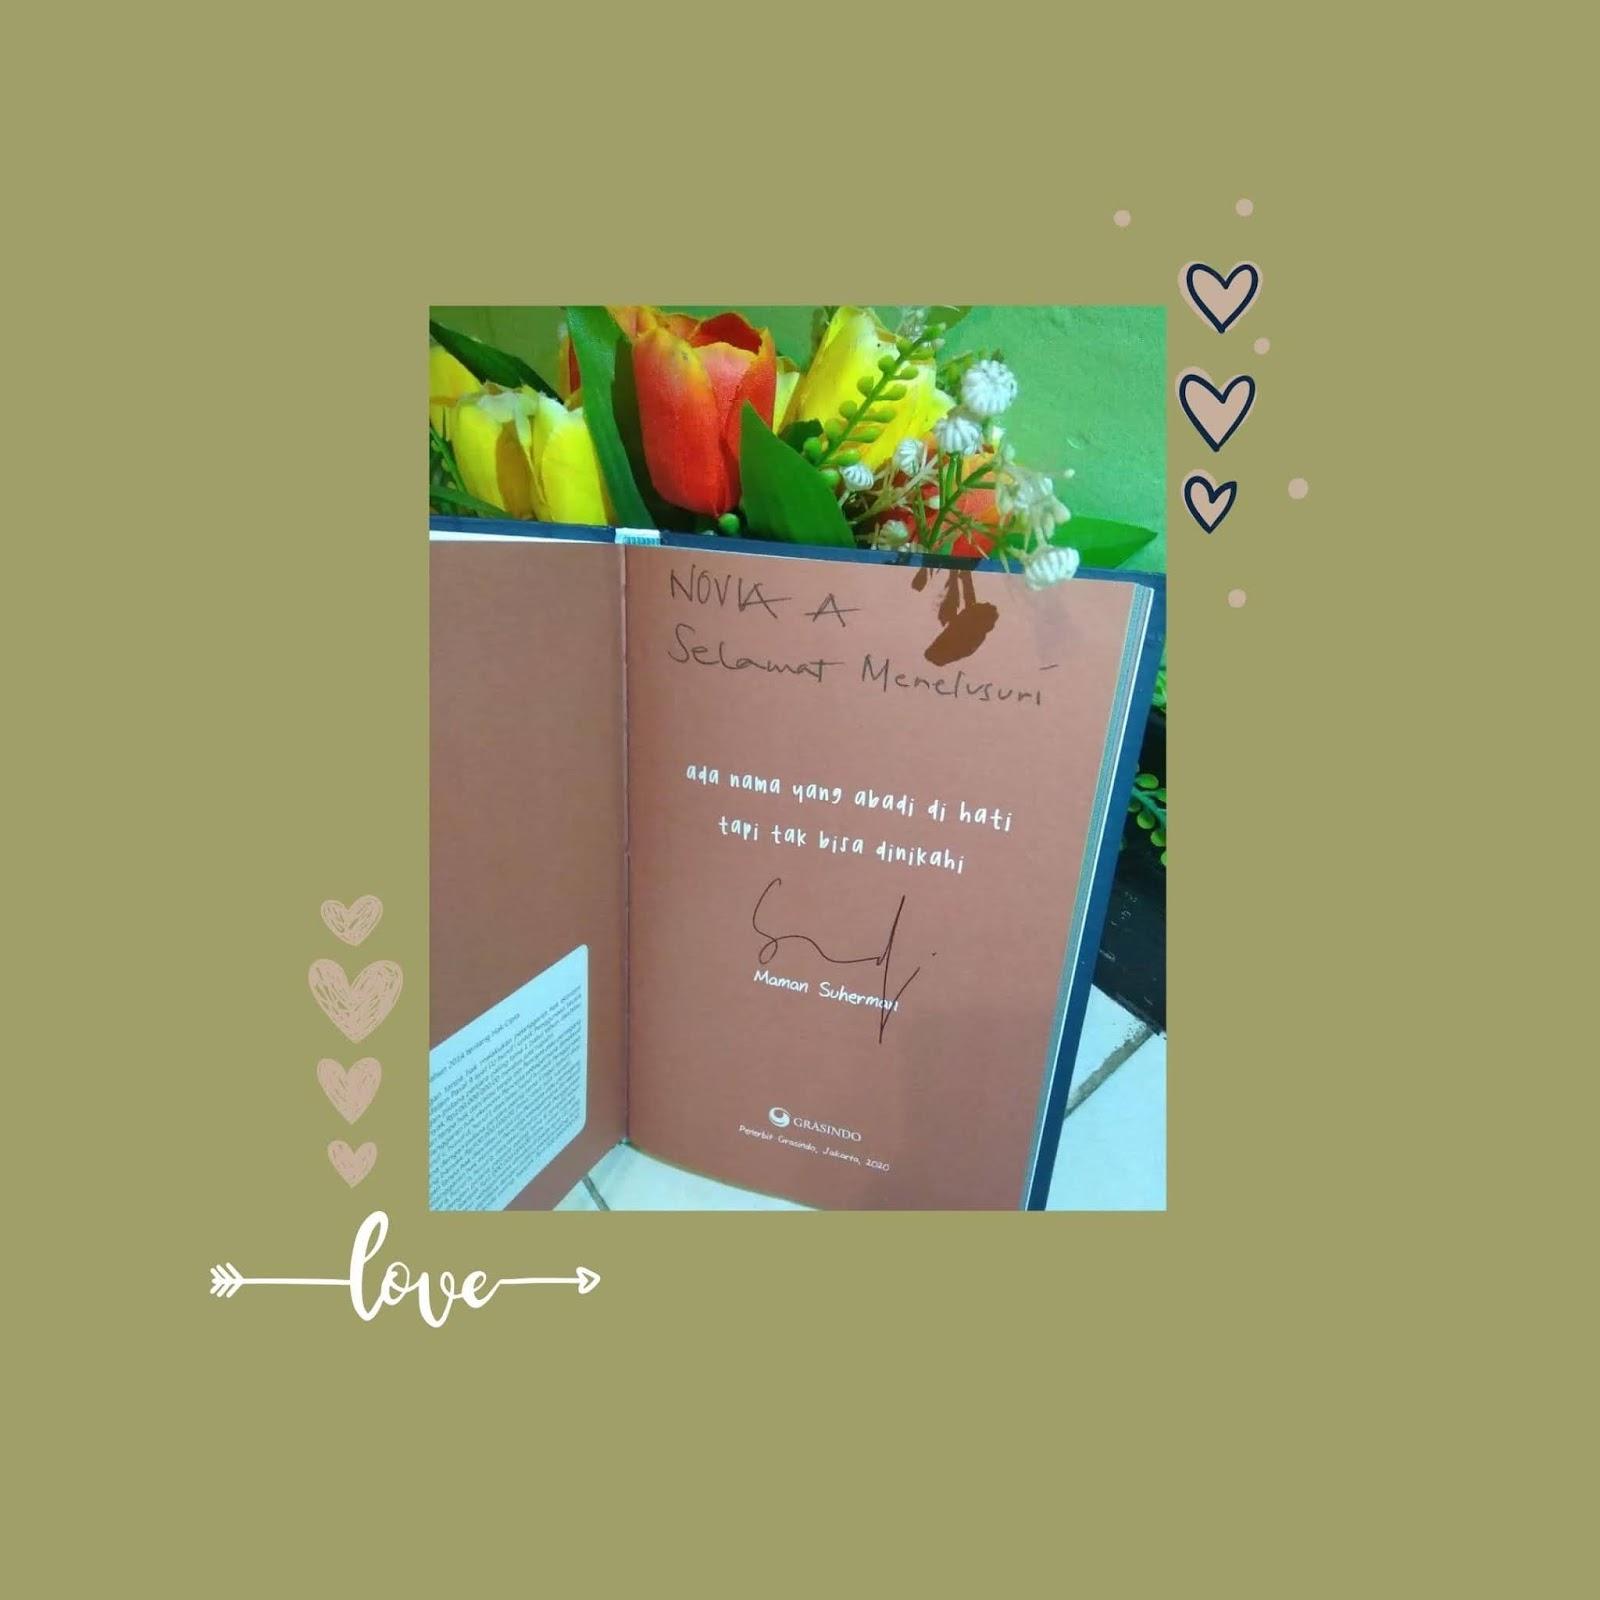 Rezeki sebuah buku dari giveaway kang maman